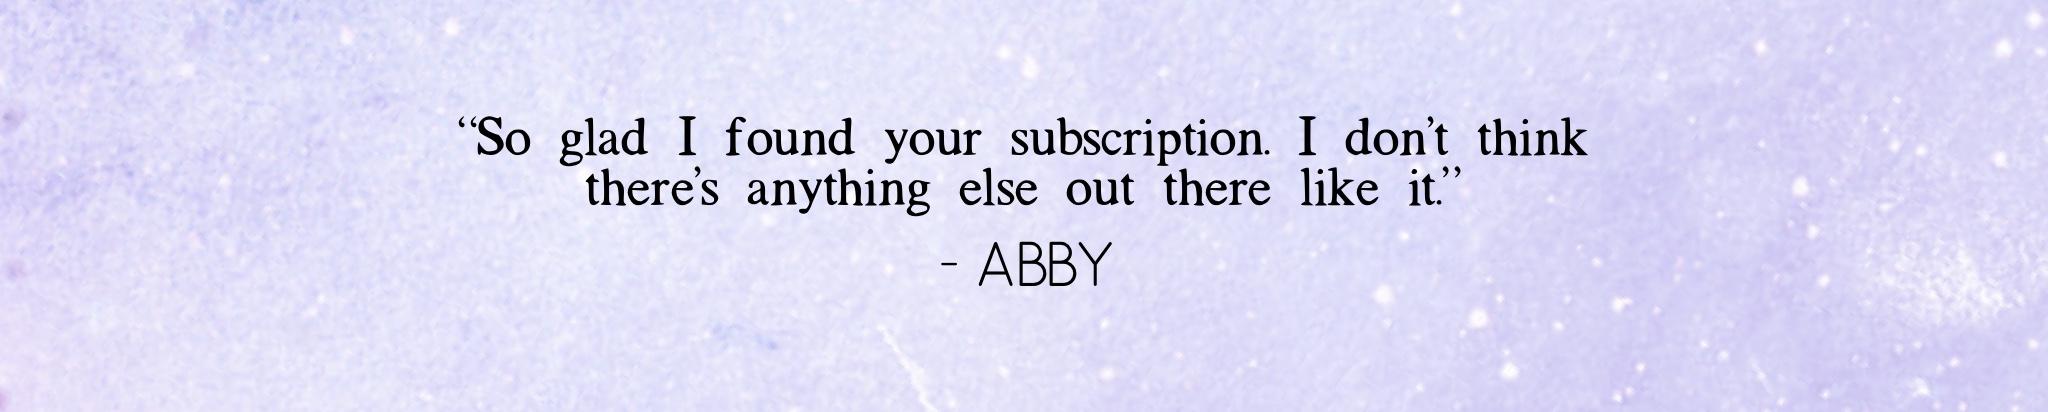 testimonial-abby-xo.jpg